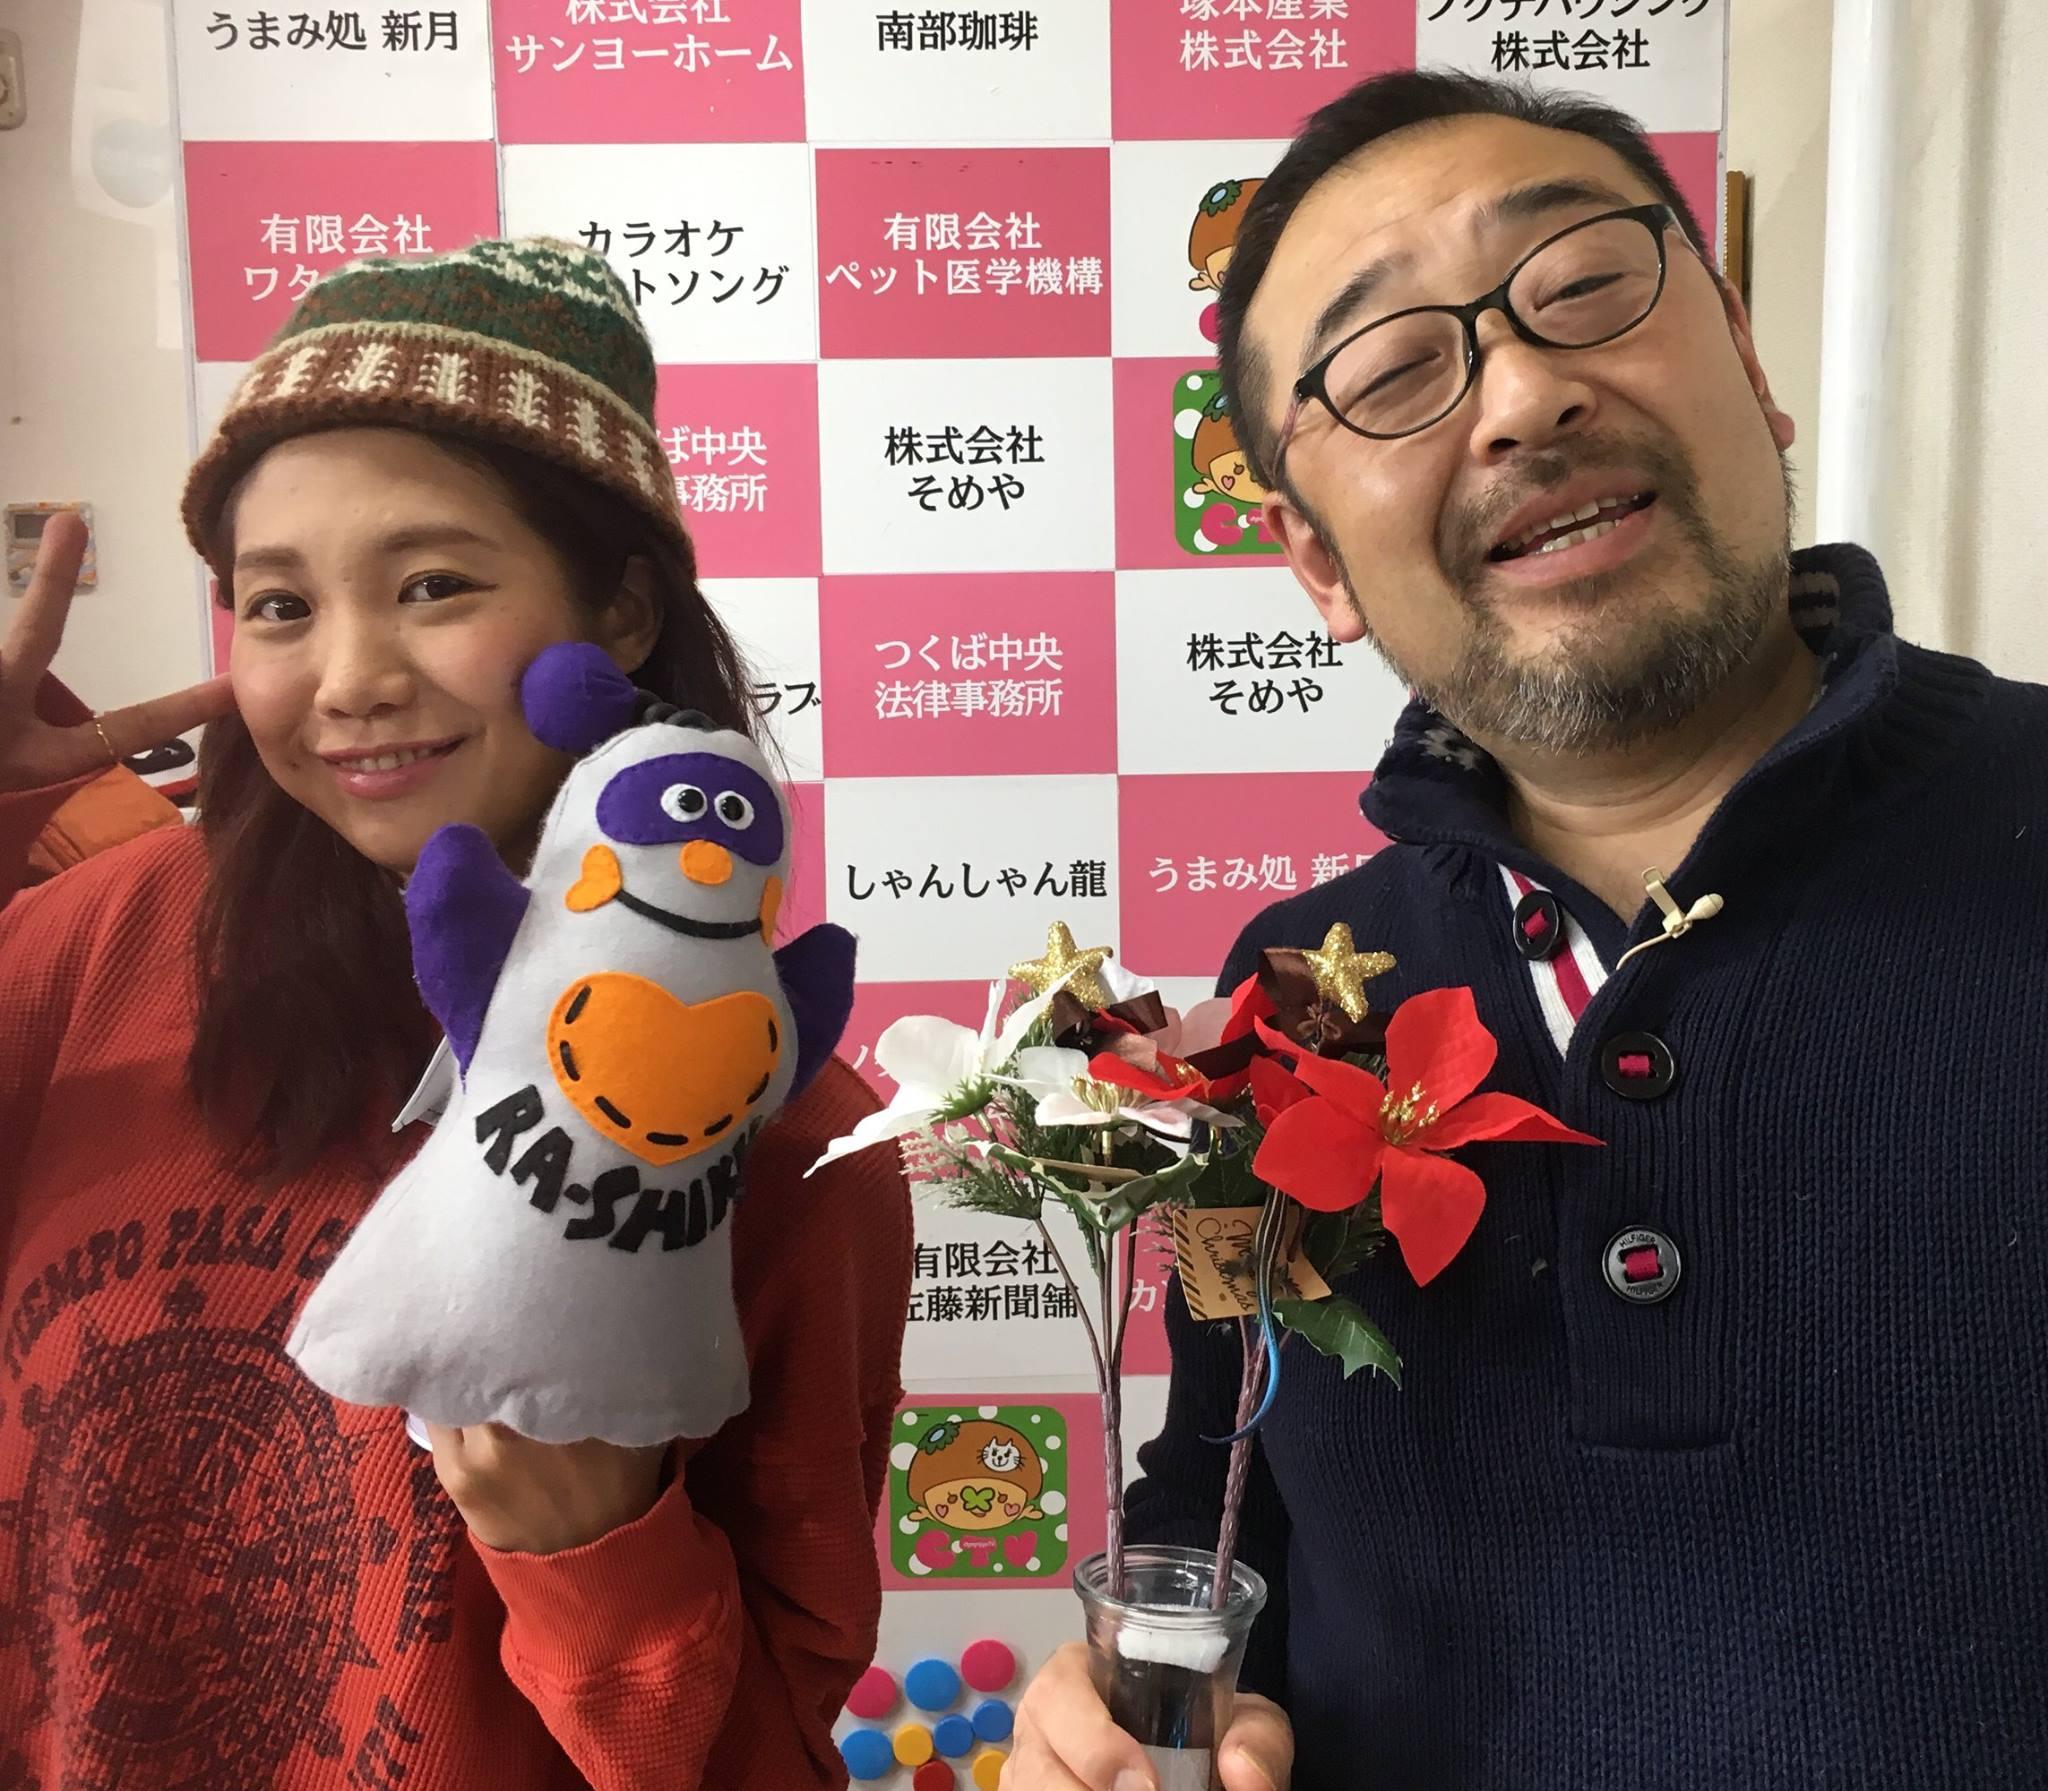 [2017/12/1]♡夕暮れモーモー #161♡